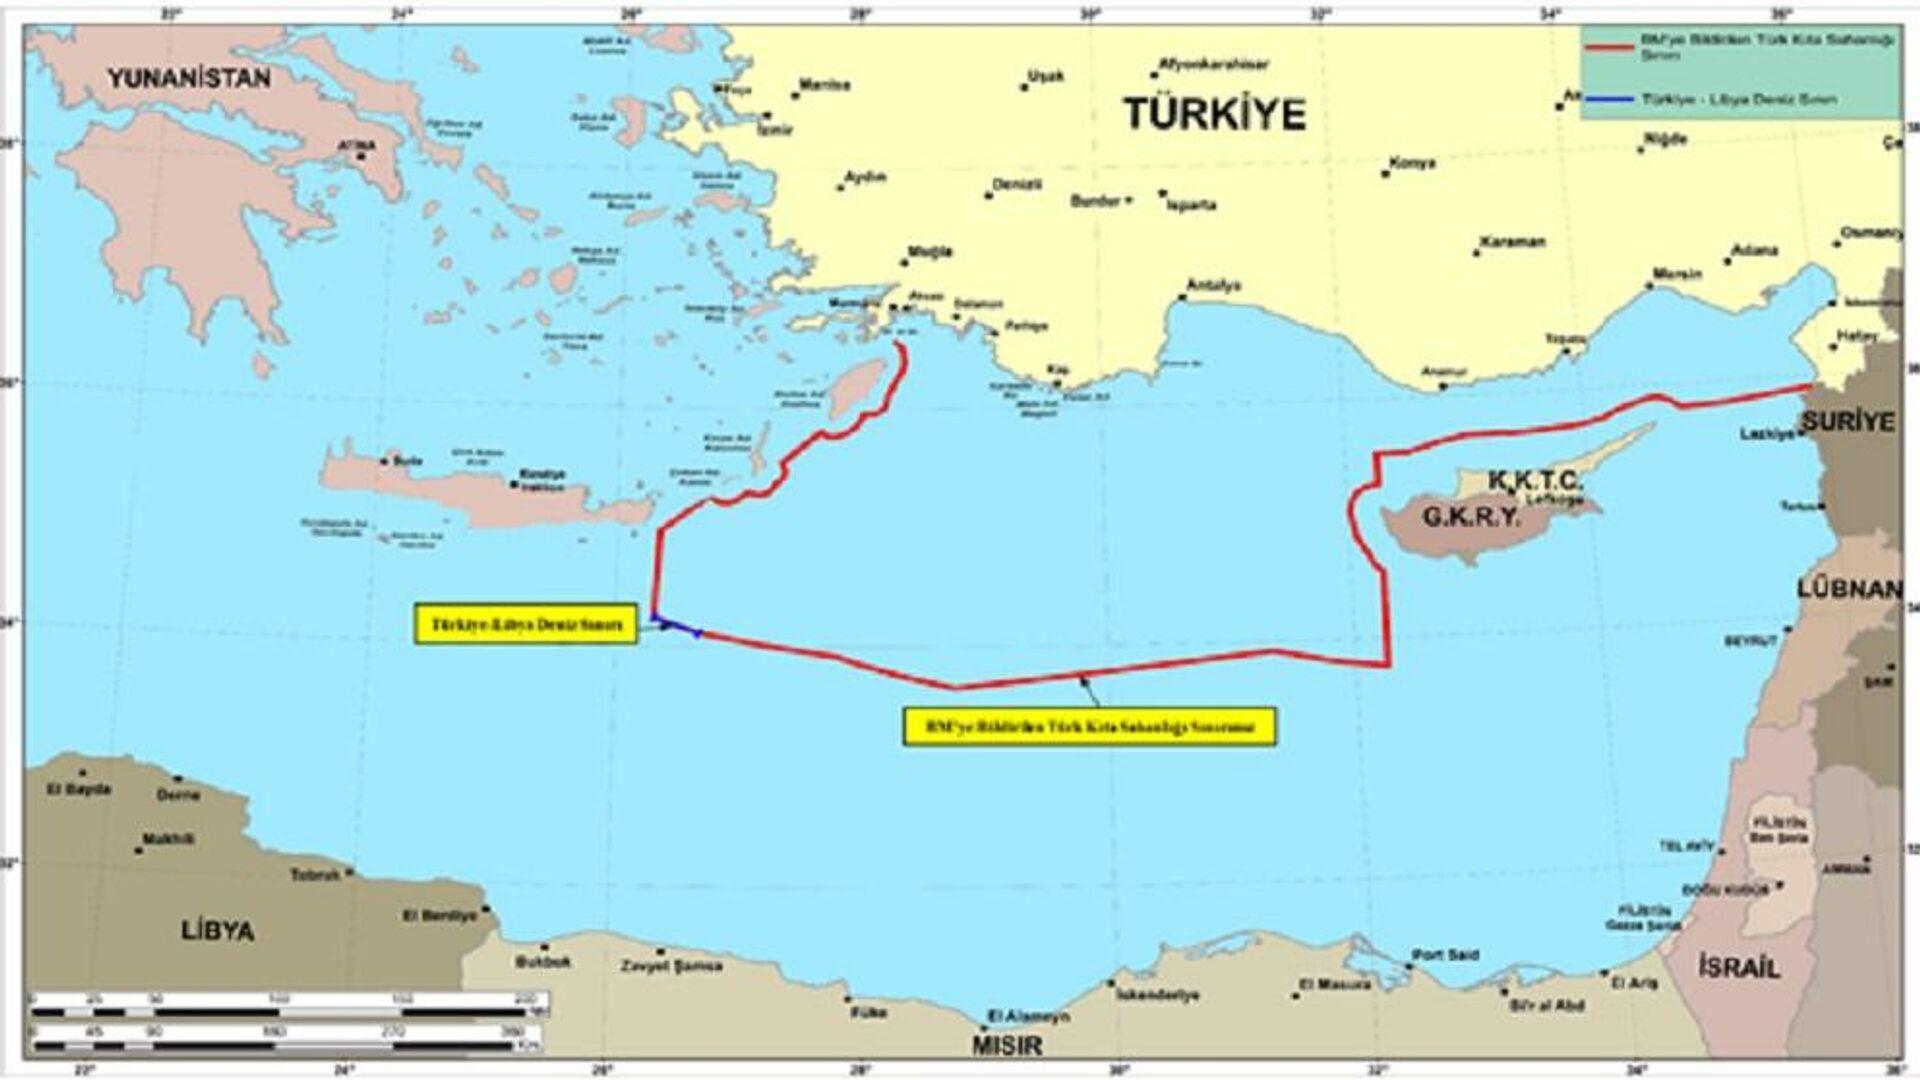 Οι χάρτες της Τουρκίας για το Oruc Reis - Sputnik Ελλάδα, 1920, 12.10.2021